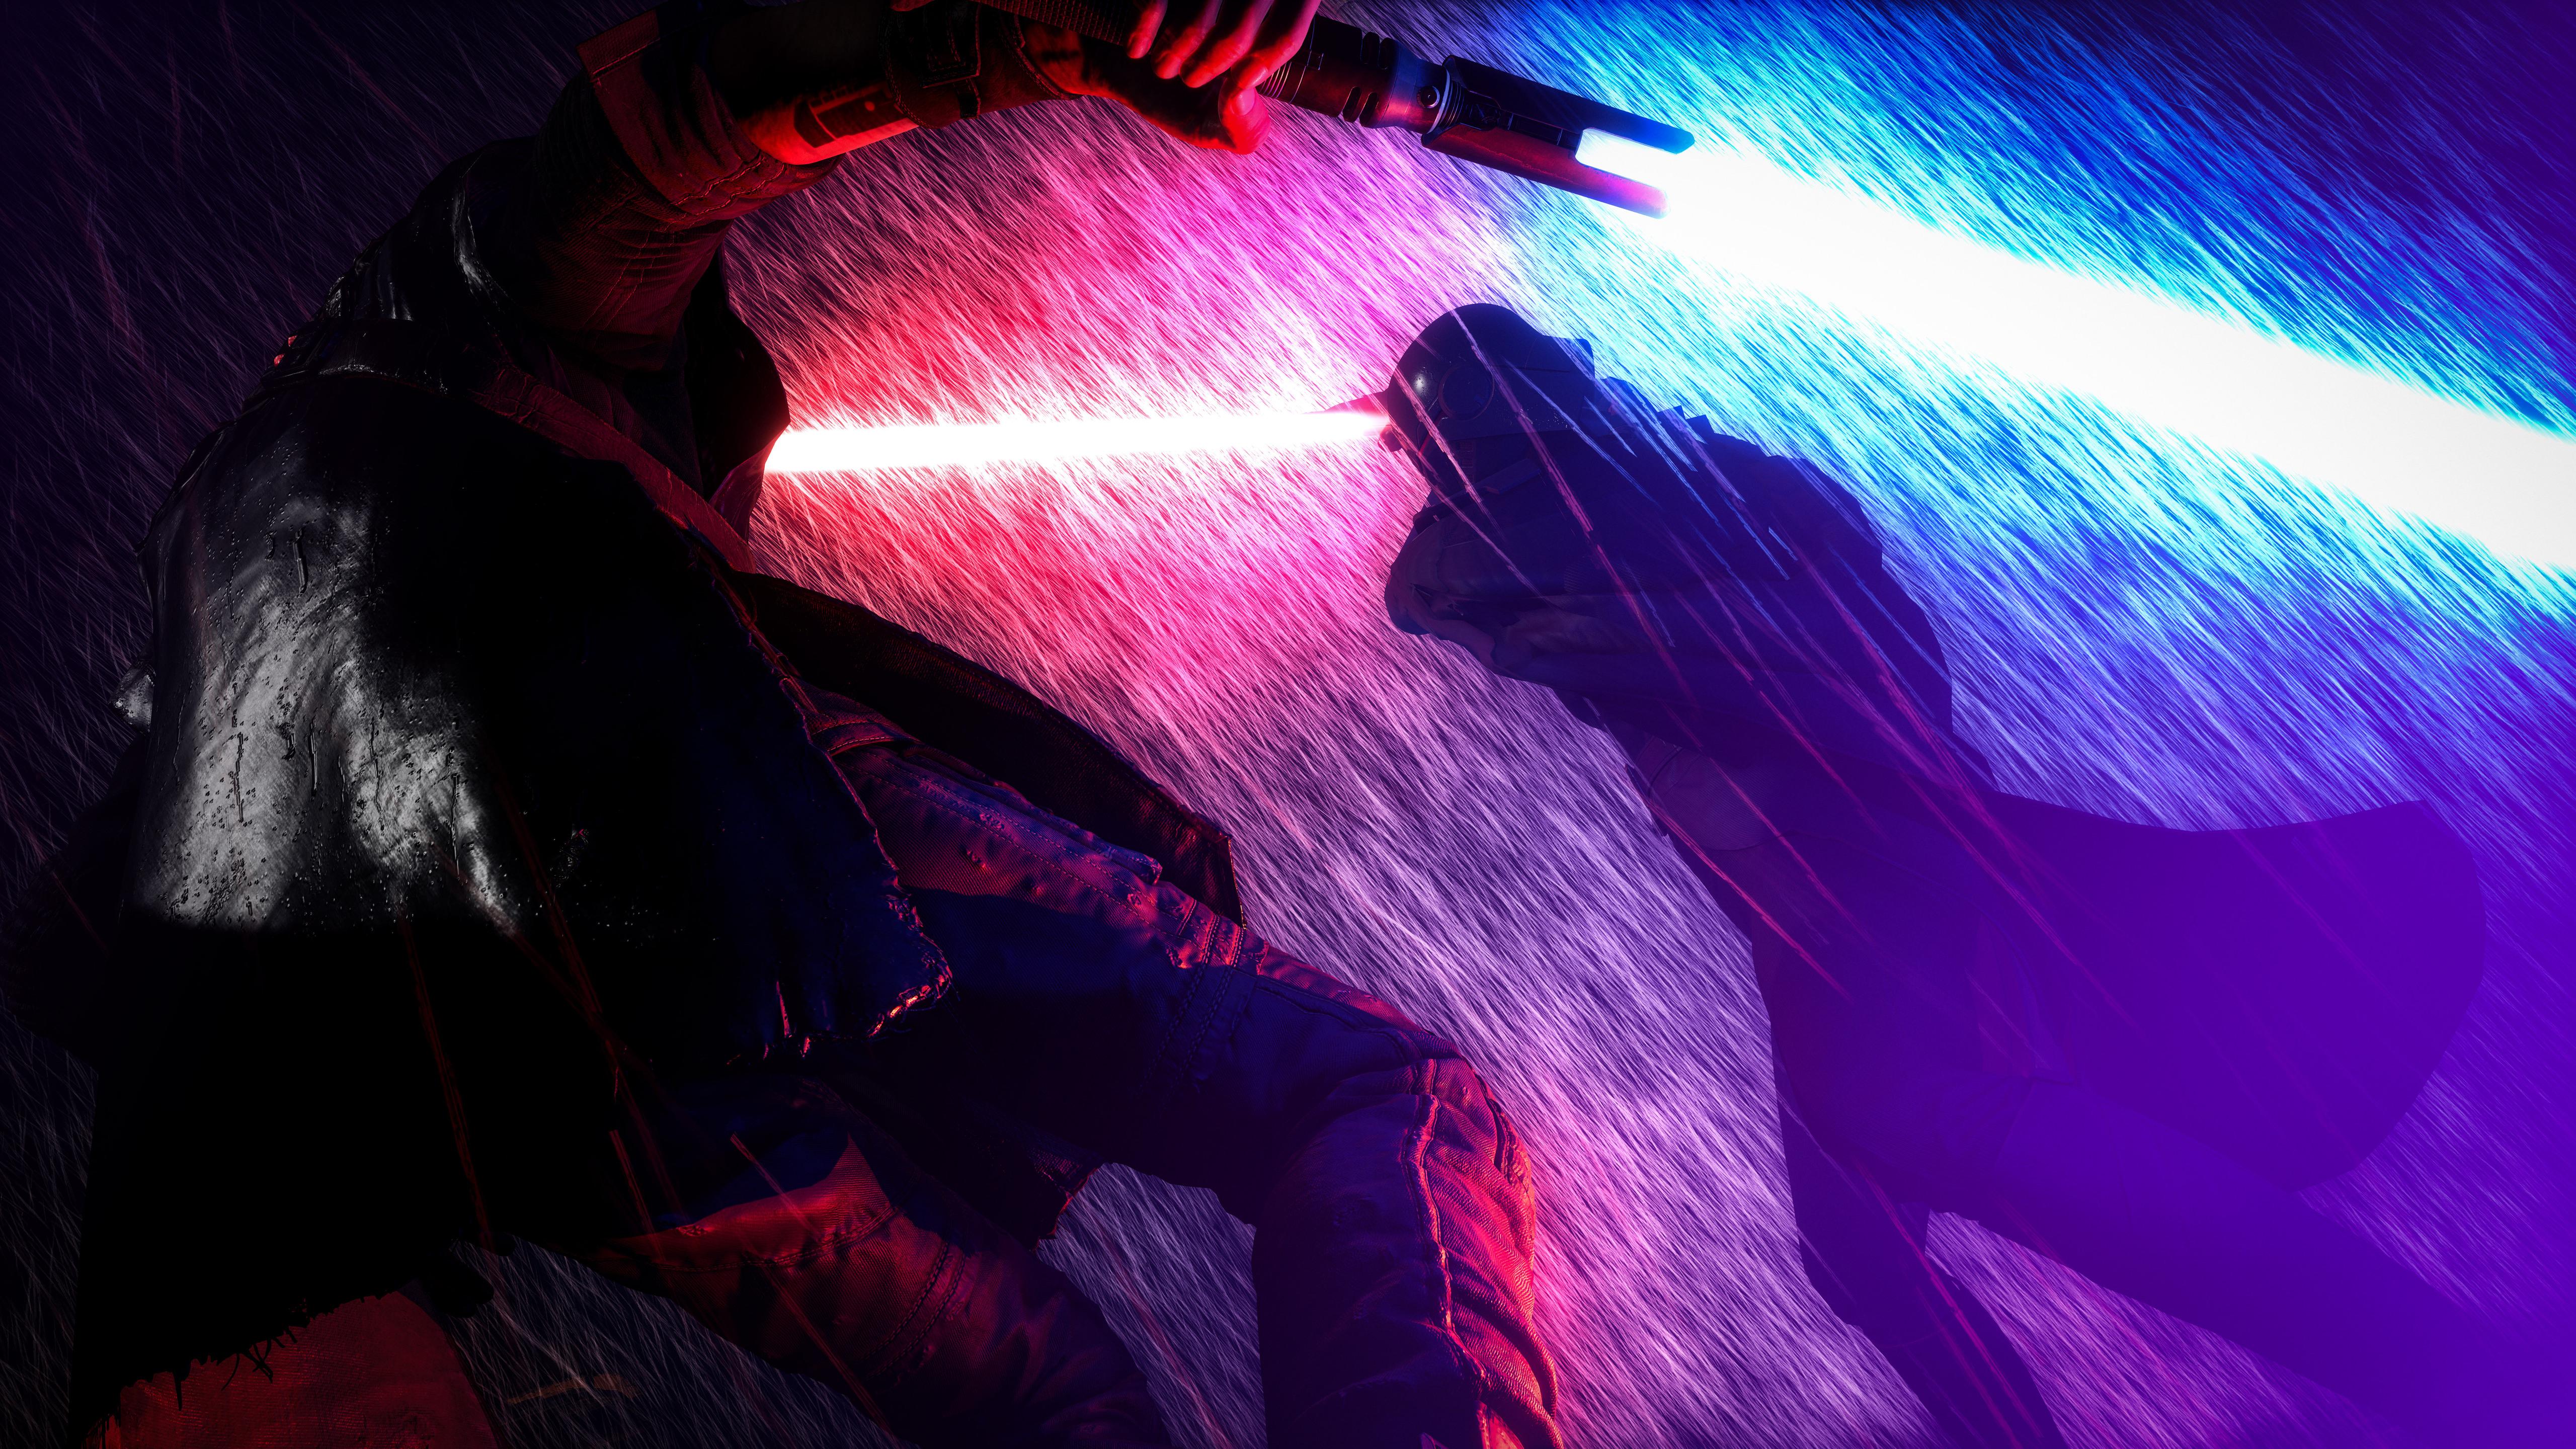 star-wars-jedi-fallen-order-8k-77.jpg